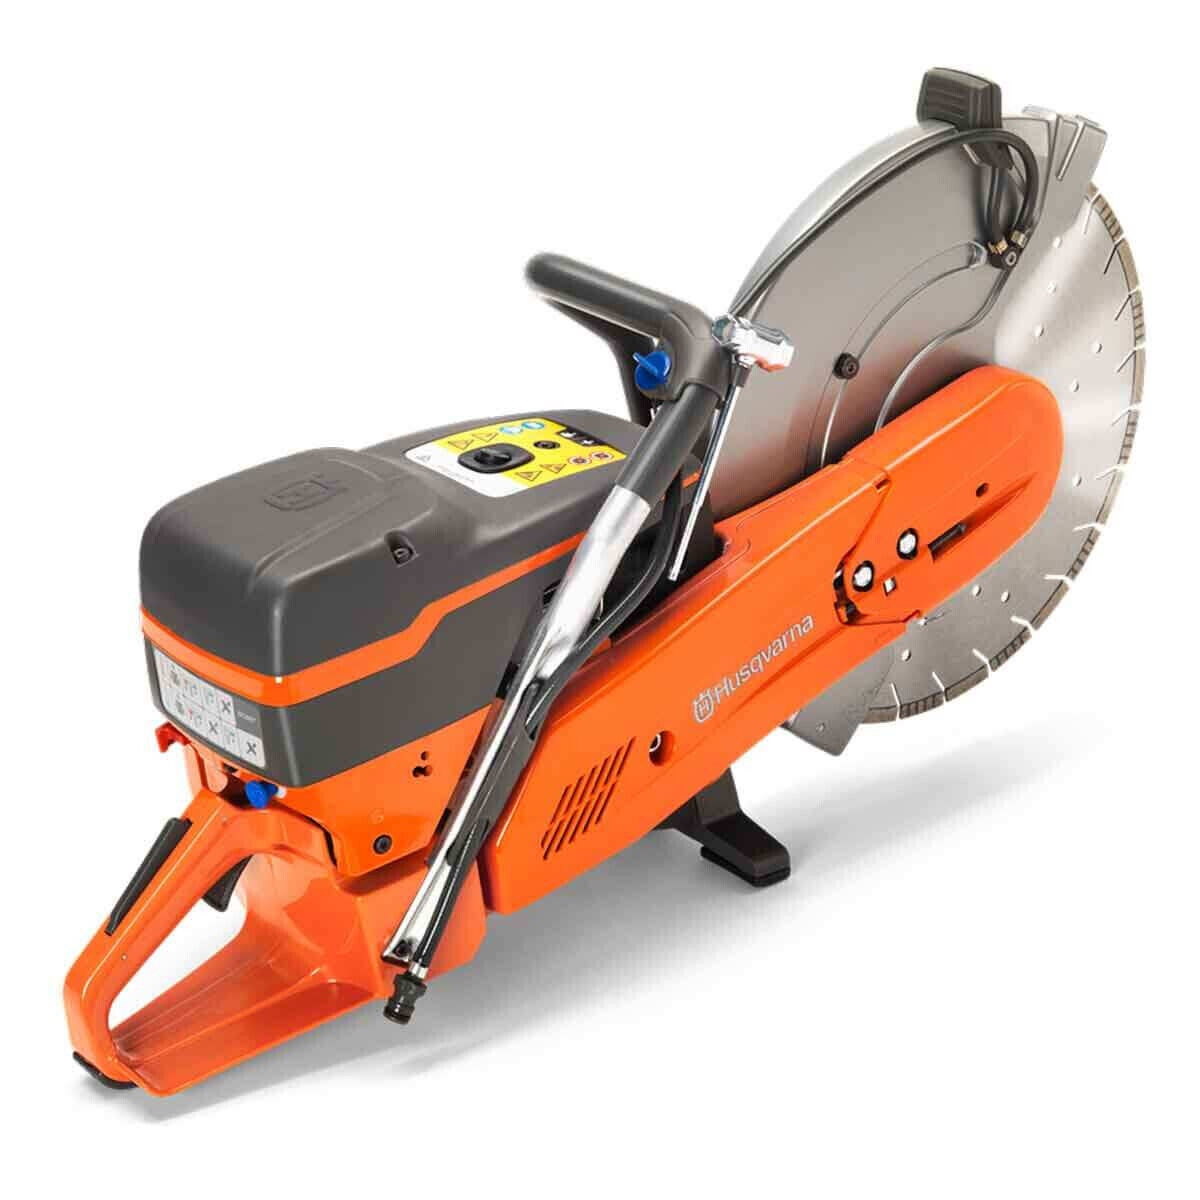 Husqvarna K1270 Cut-Off Saw